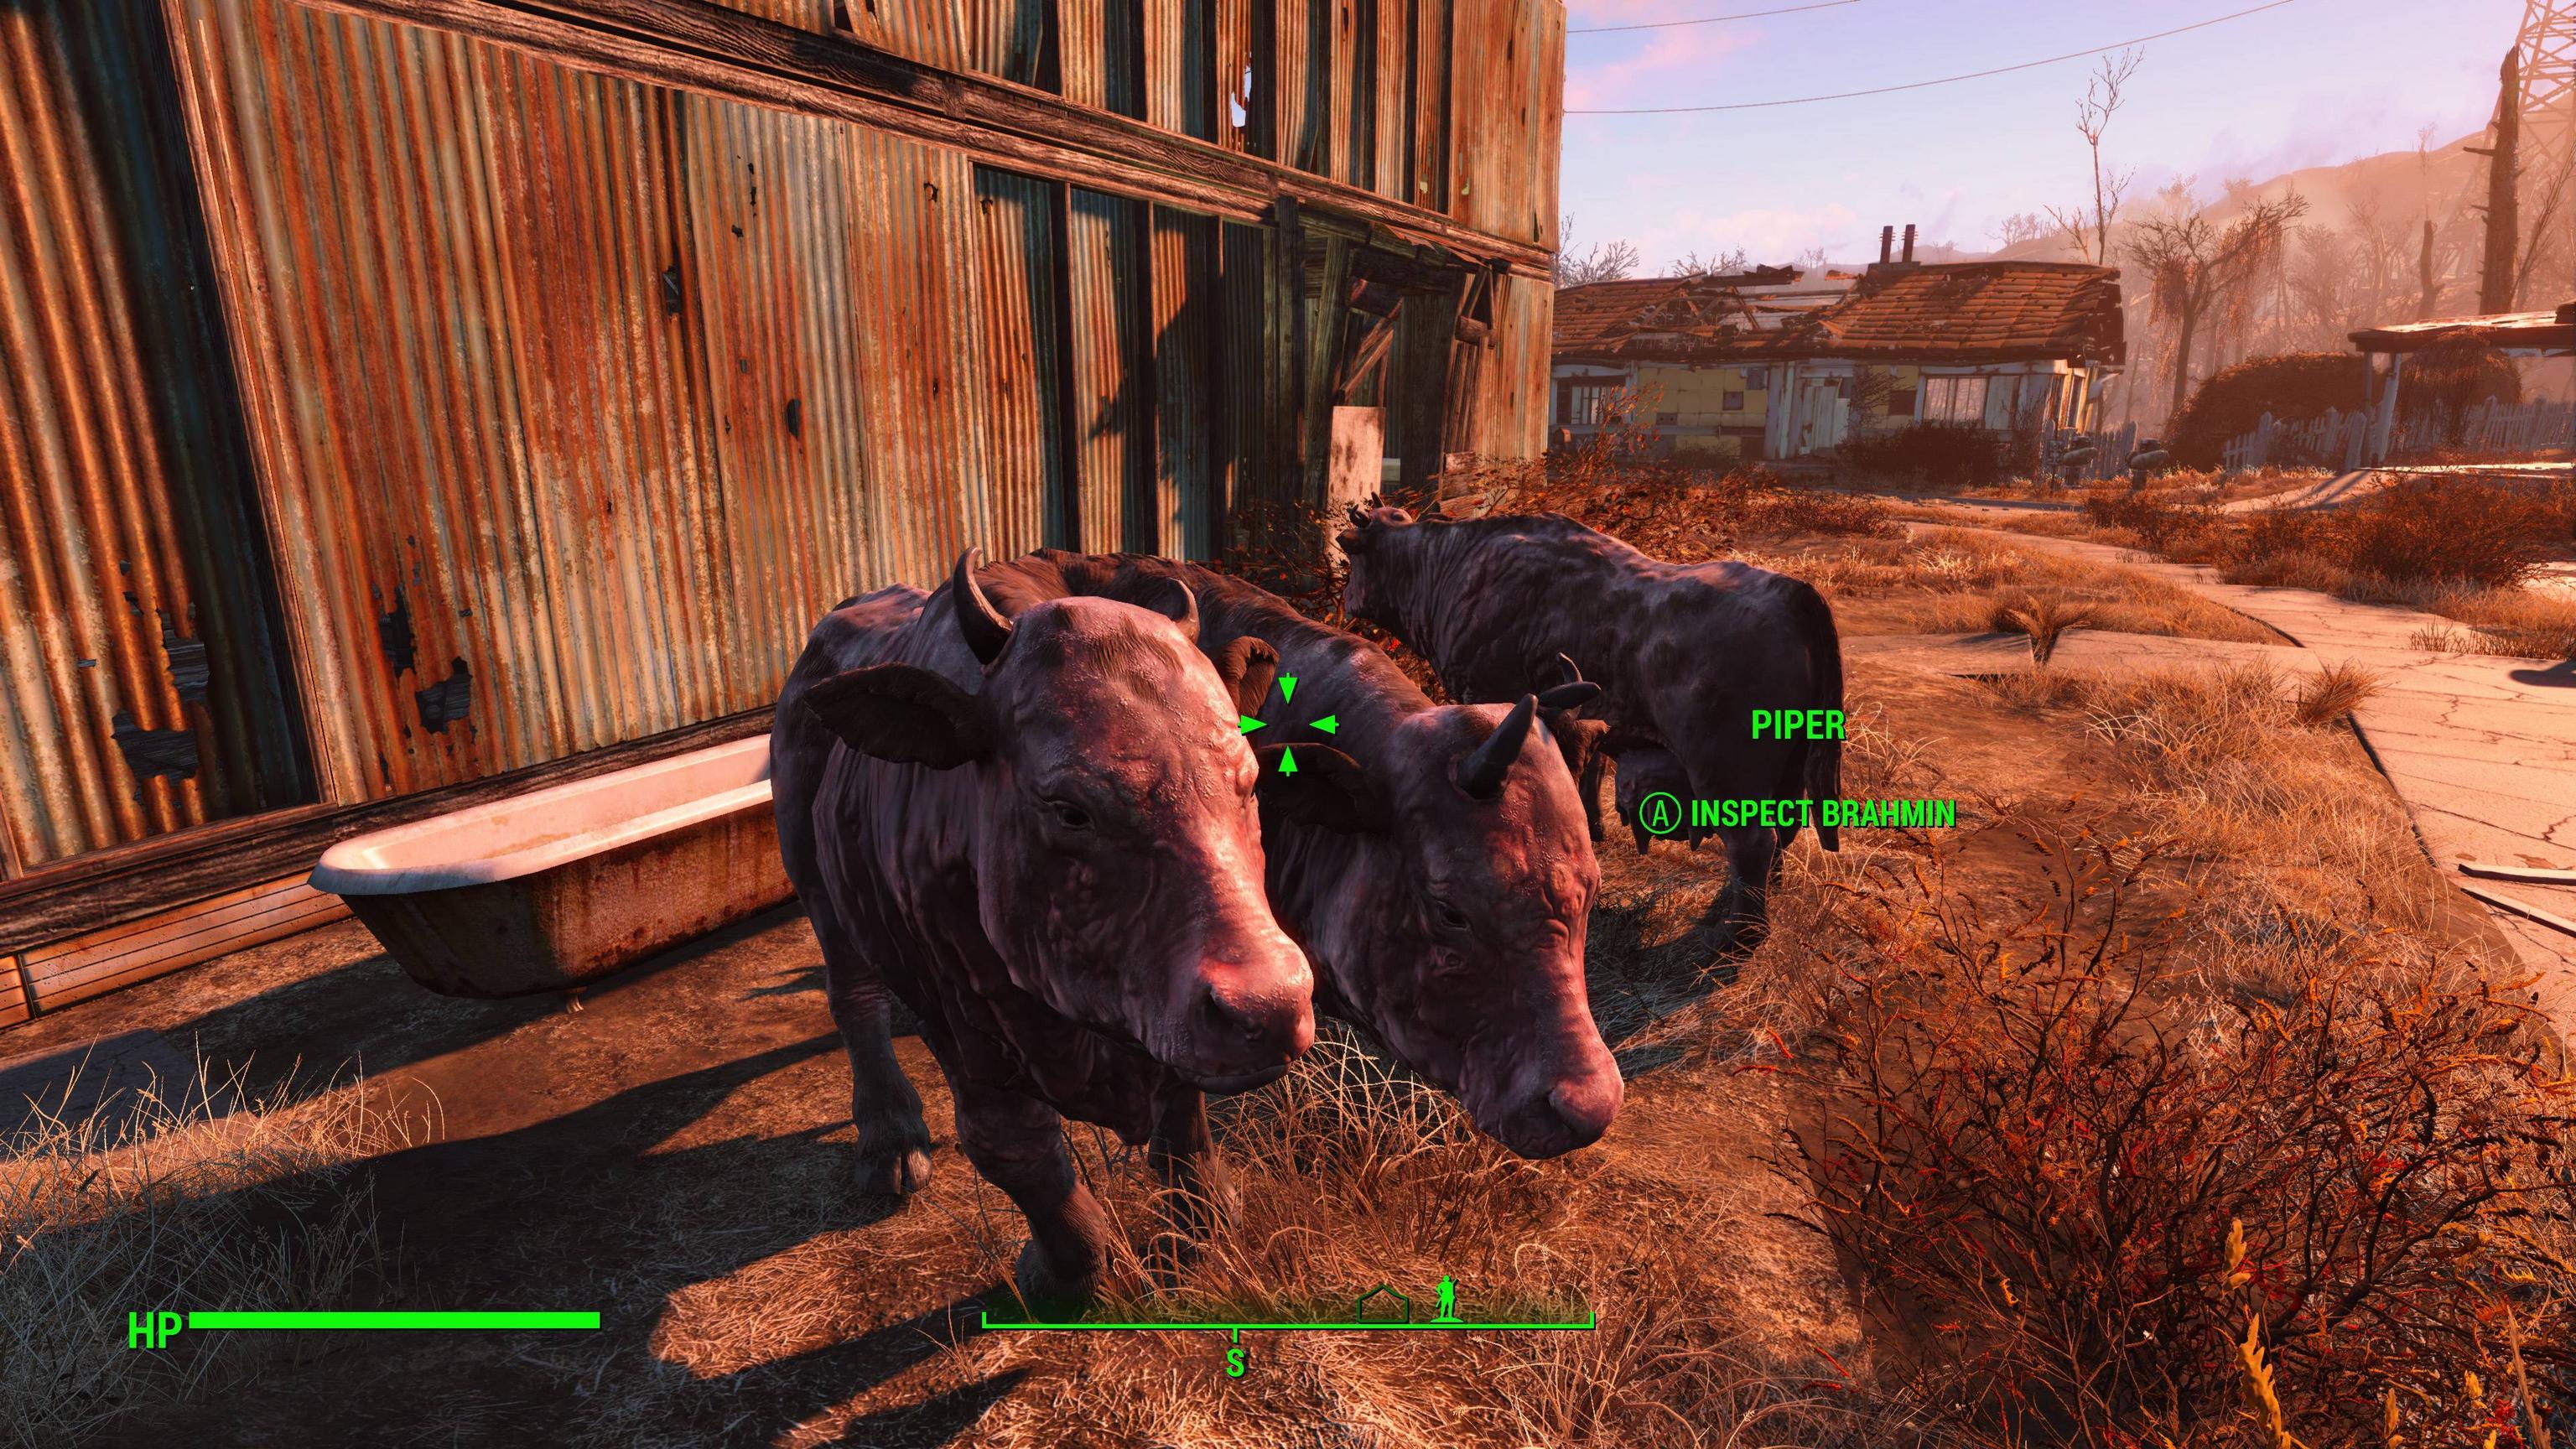 PC verzi Falloutu 4 můžete obohatit o textury ve vysokém rozlišení 138009